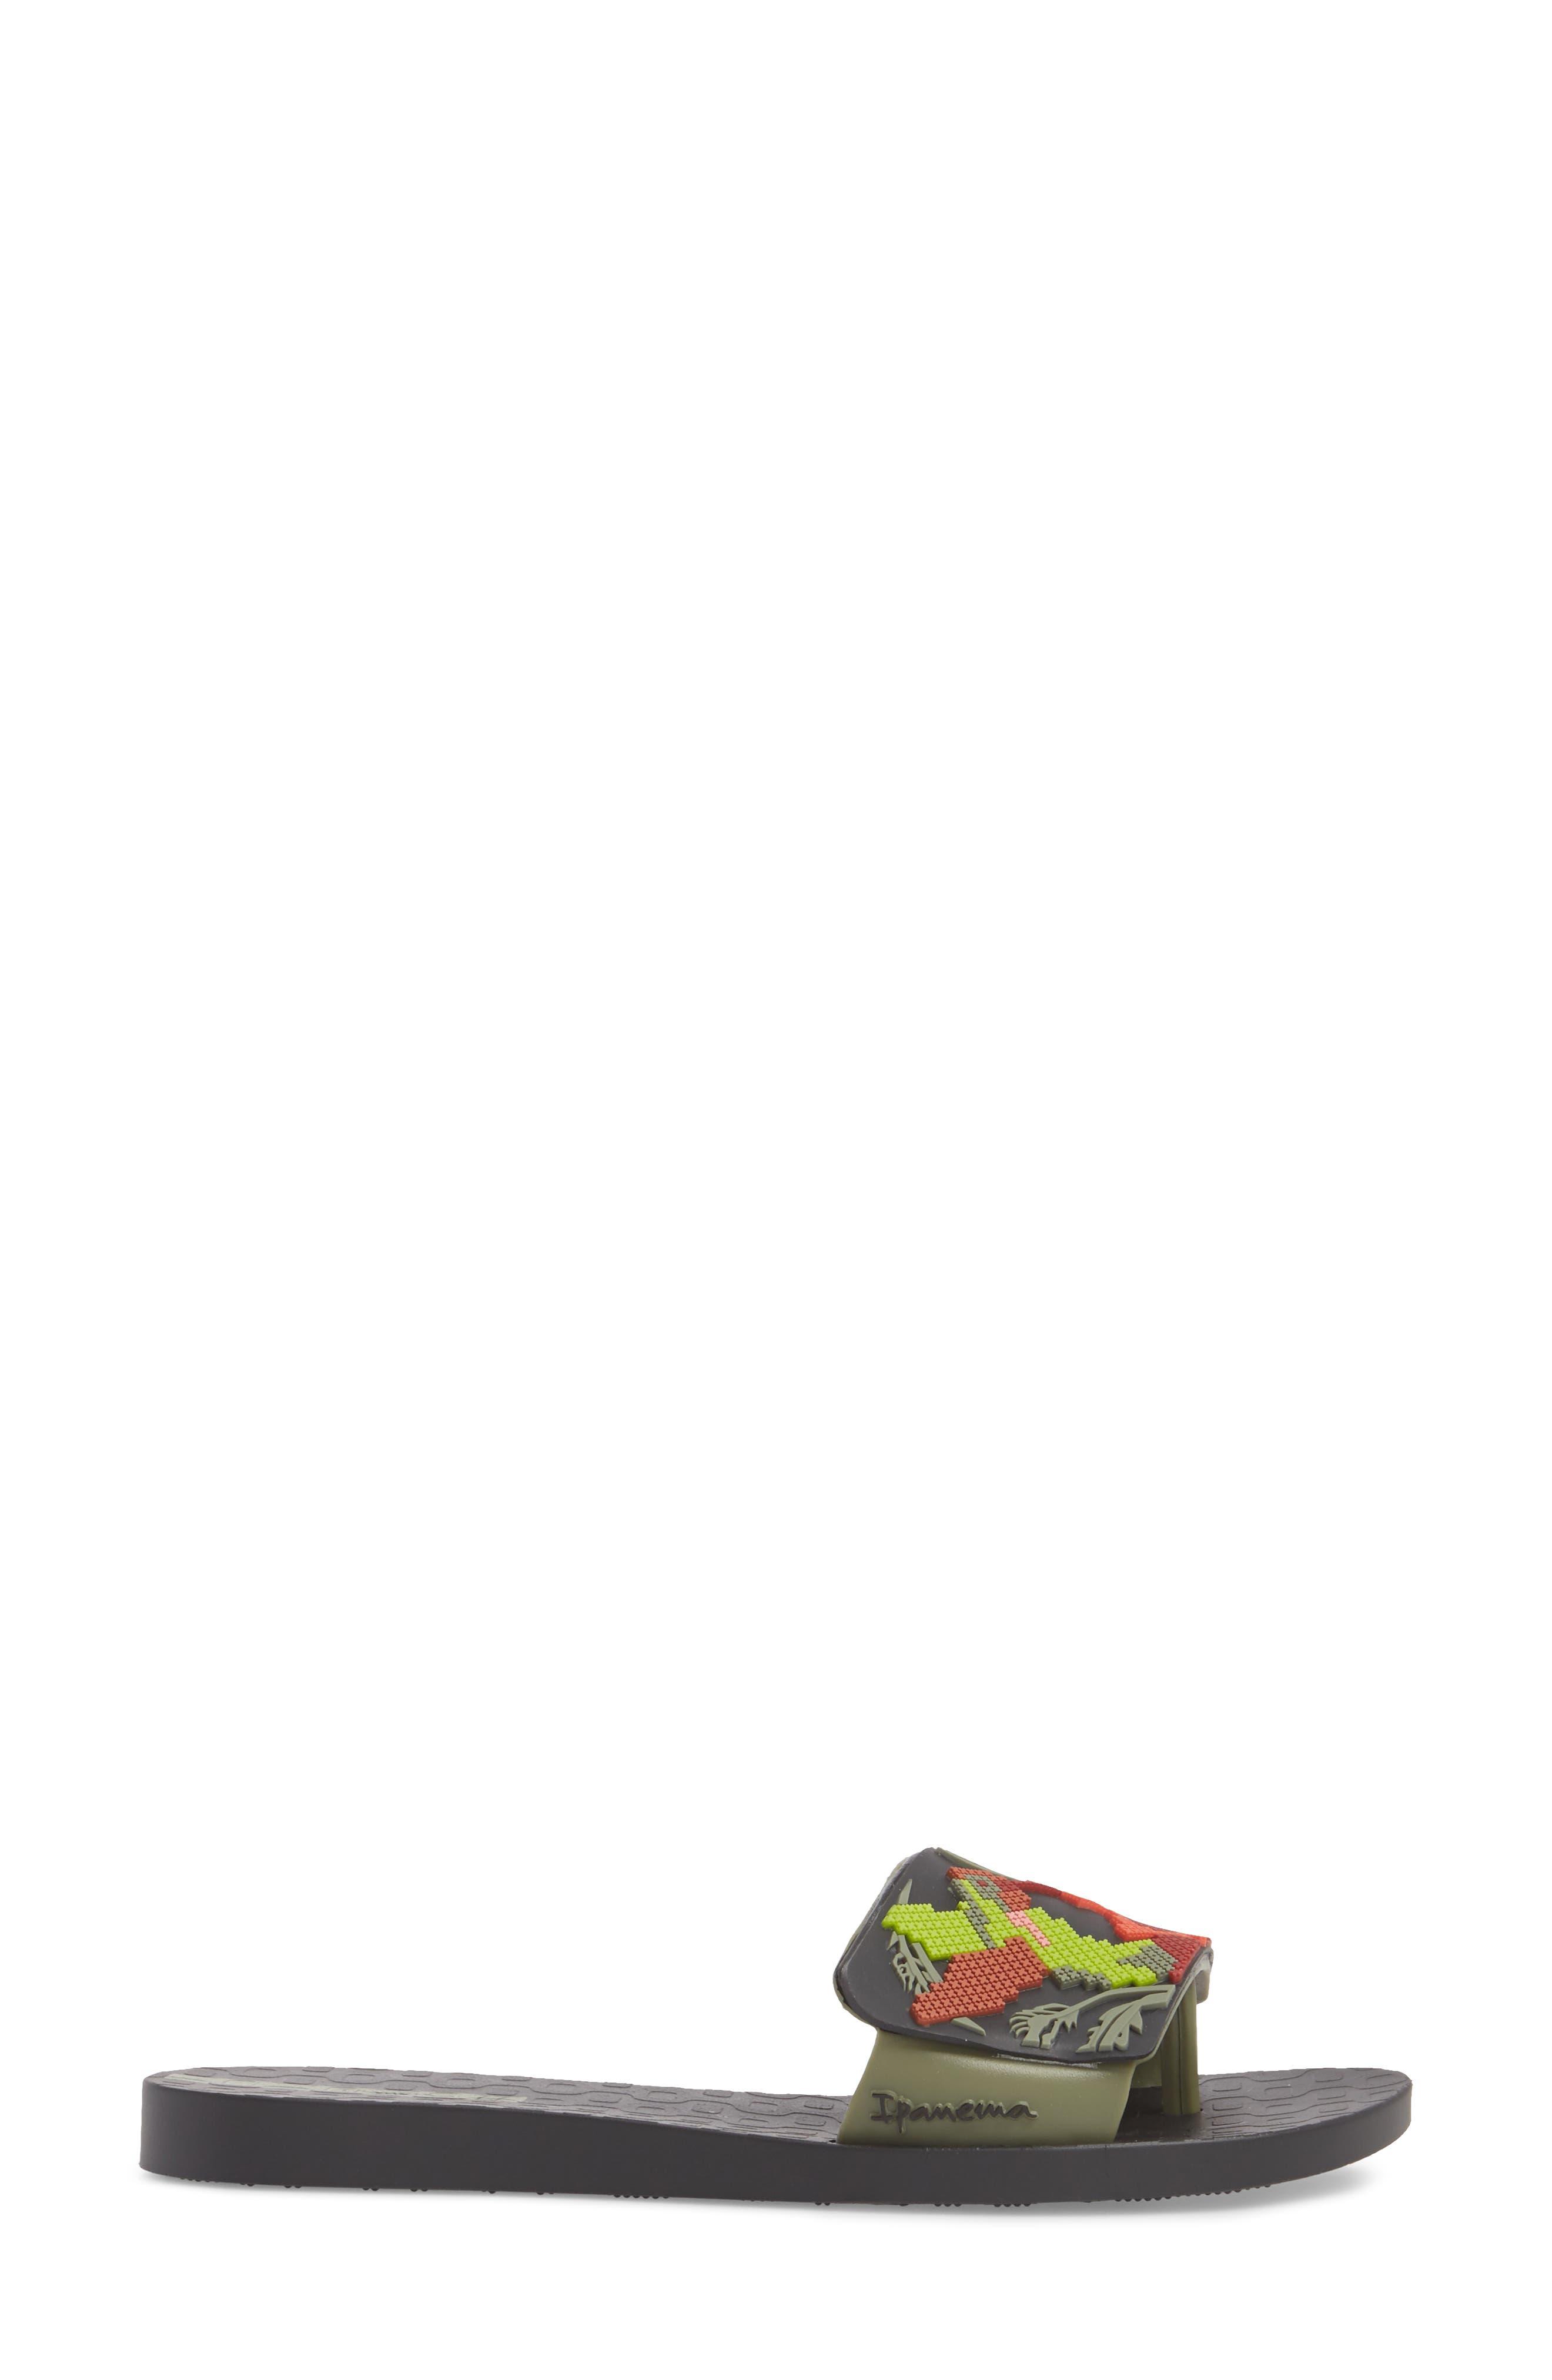 Nectar Floral Slide Sandal,                             Alternate thumbnail 3, color,                             BLACK/ GREEN